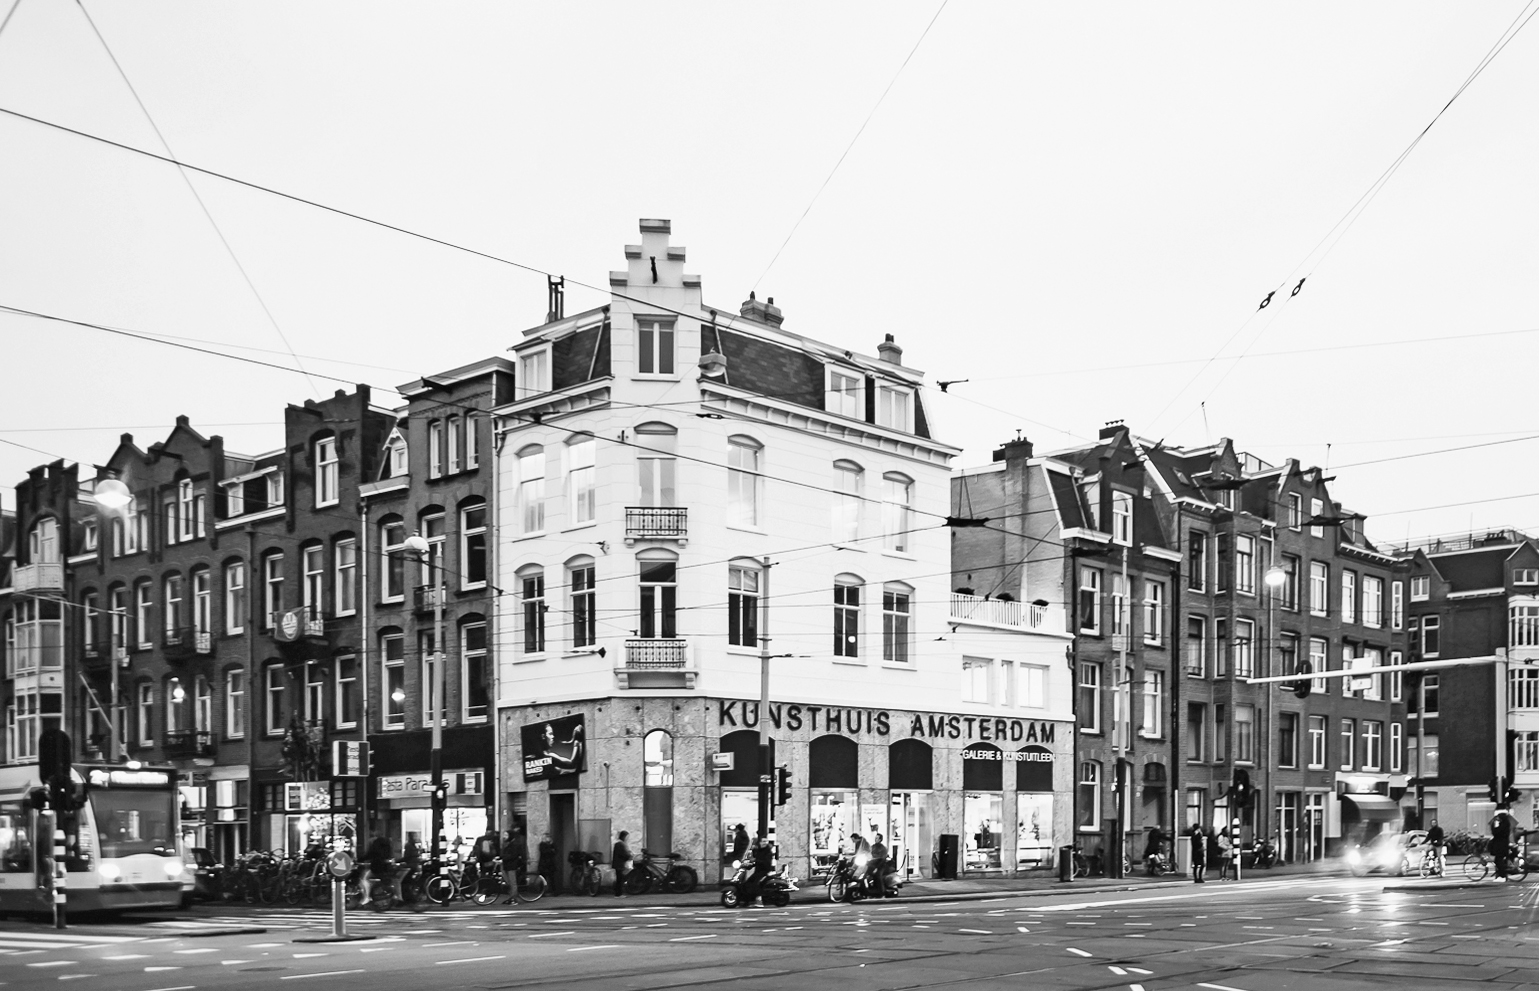 Meerdere locaties in Nederland